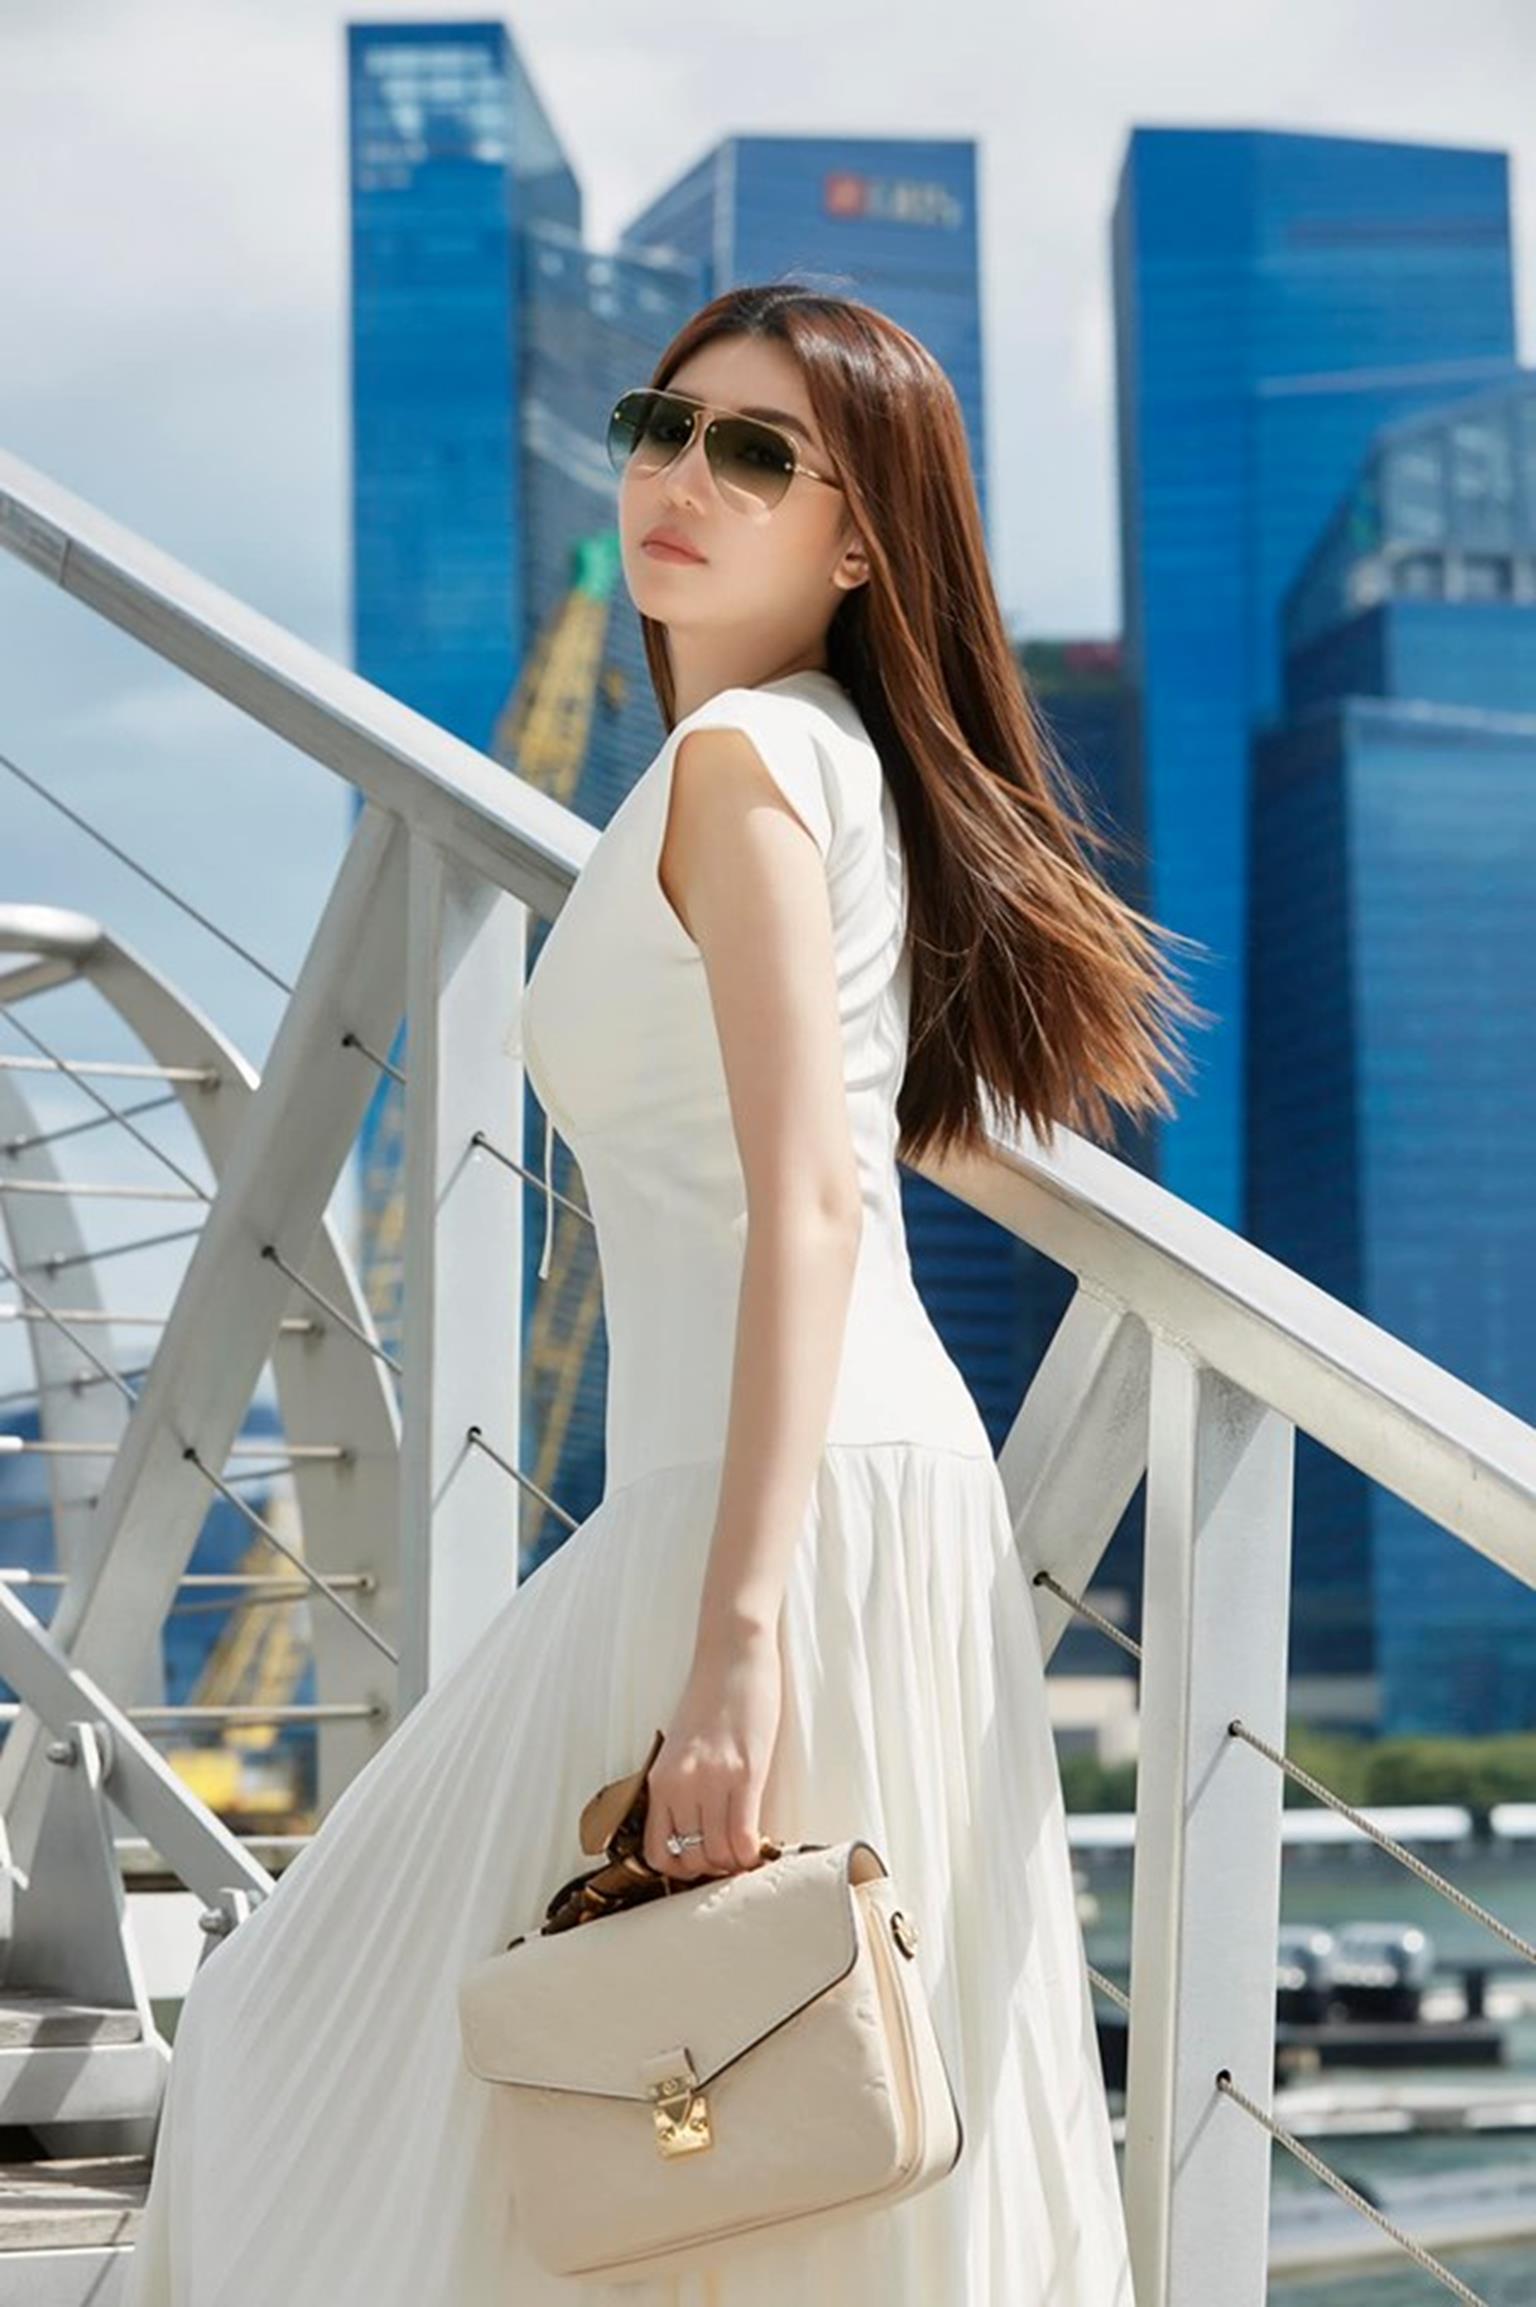 Mỹ nữ Vũng Tàu đi xe 70 tỷ mặc vest khoét sâu khoe vòng 1 nóng bỏng-6